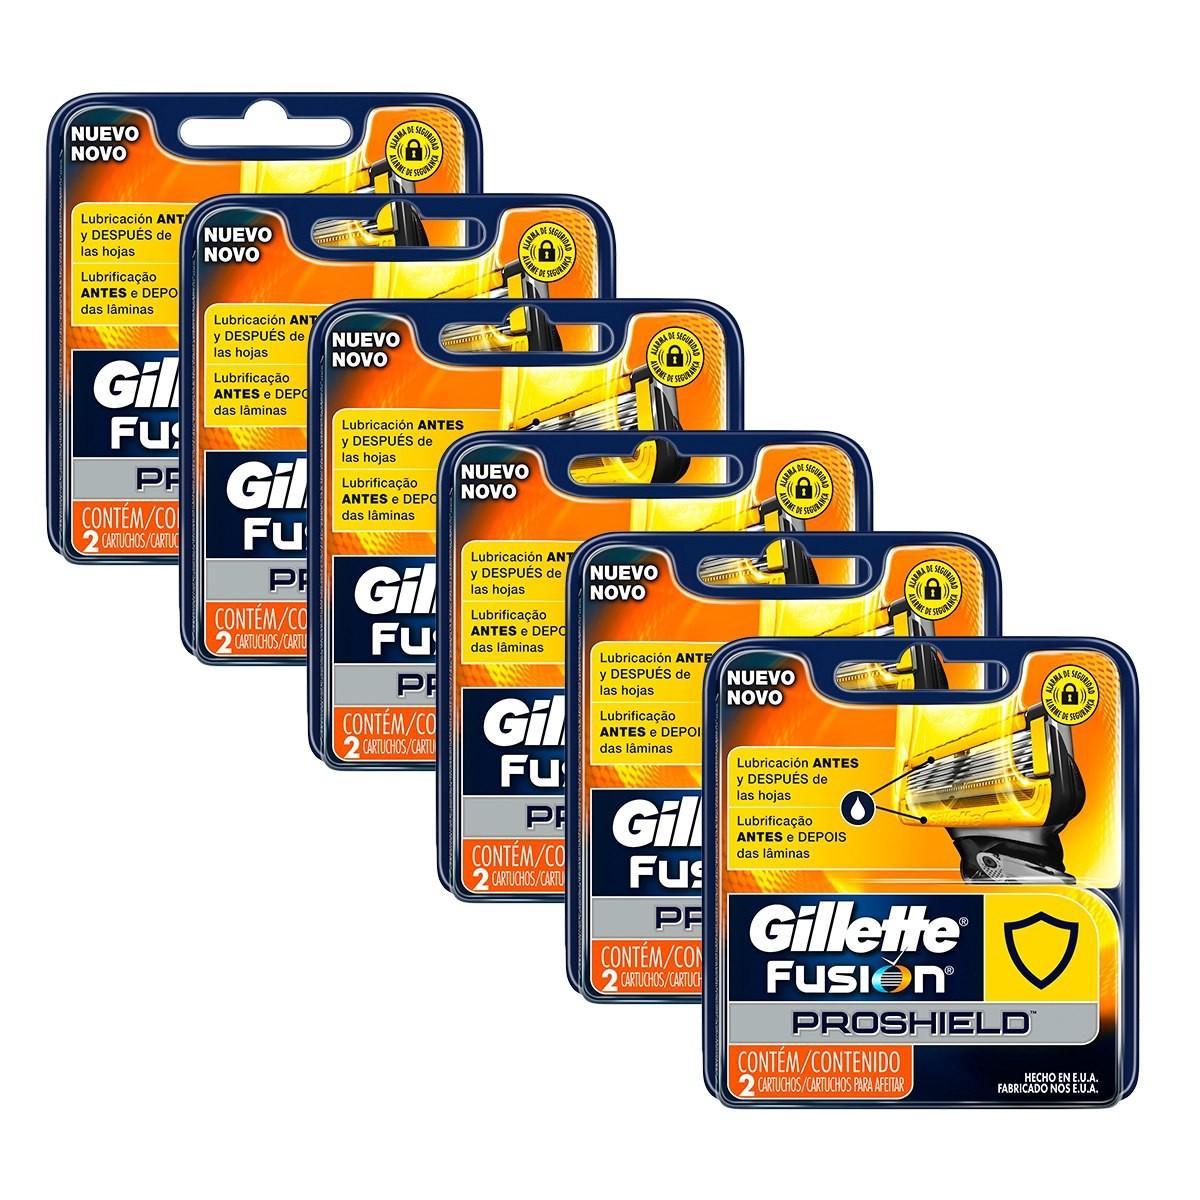 Kit Carga Gillette Aparelho de Barbear Fusion Proshield c/12